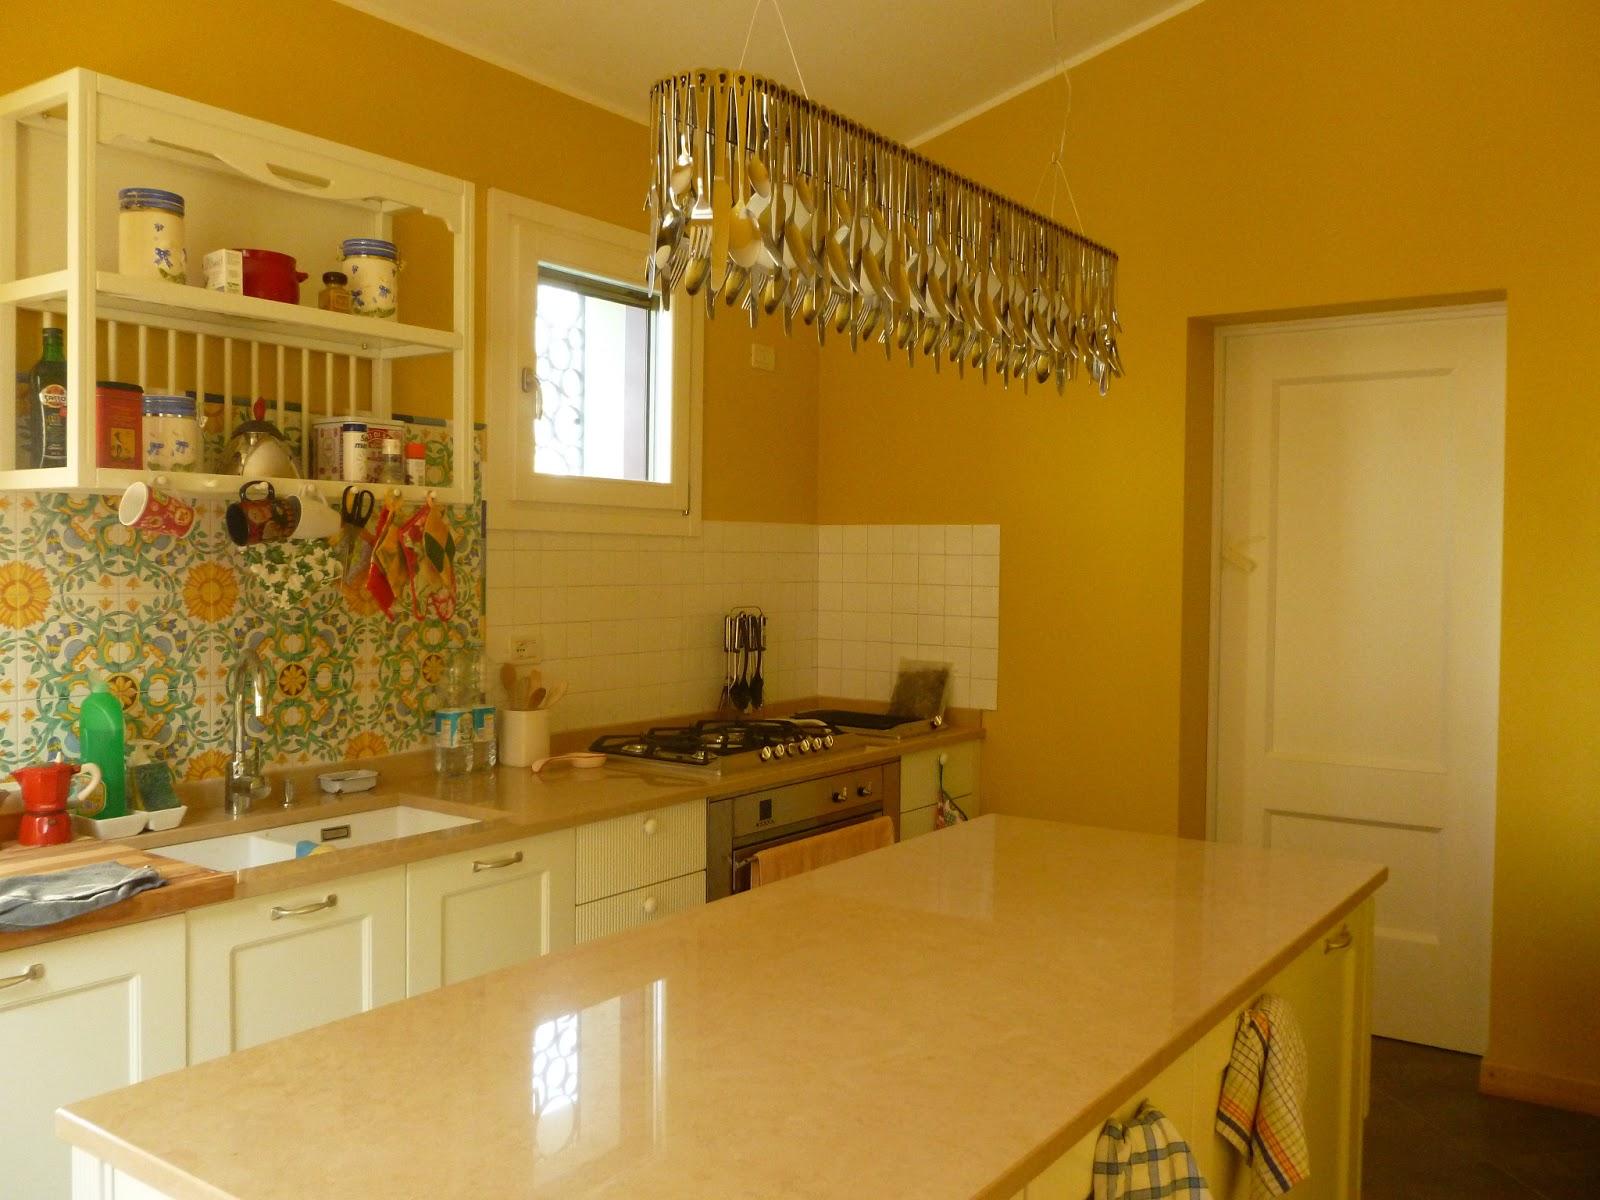 Tenuta la comuna gli spazi comuni - Disposizione stanze in una casa ...